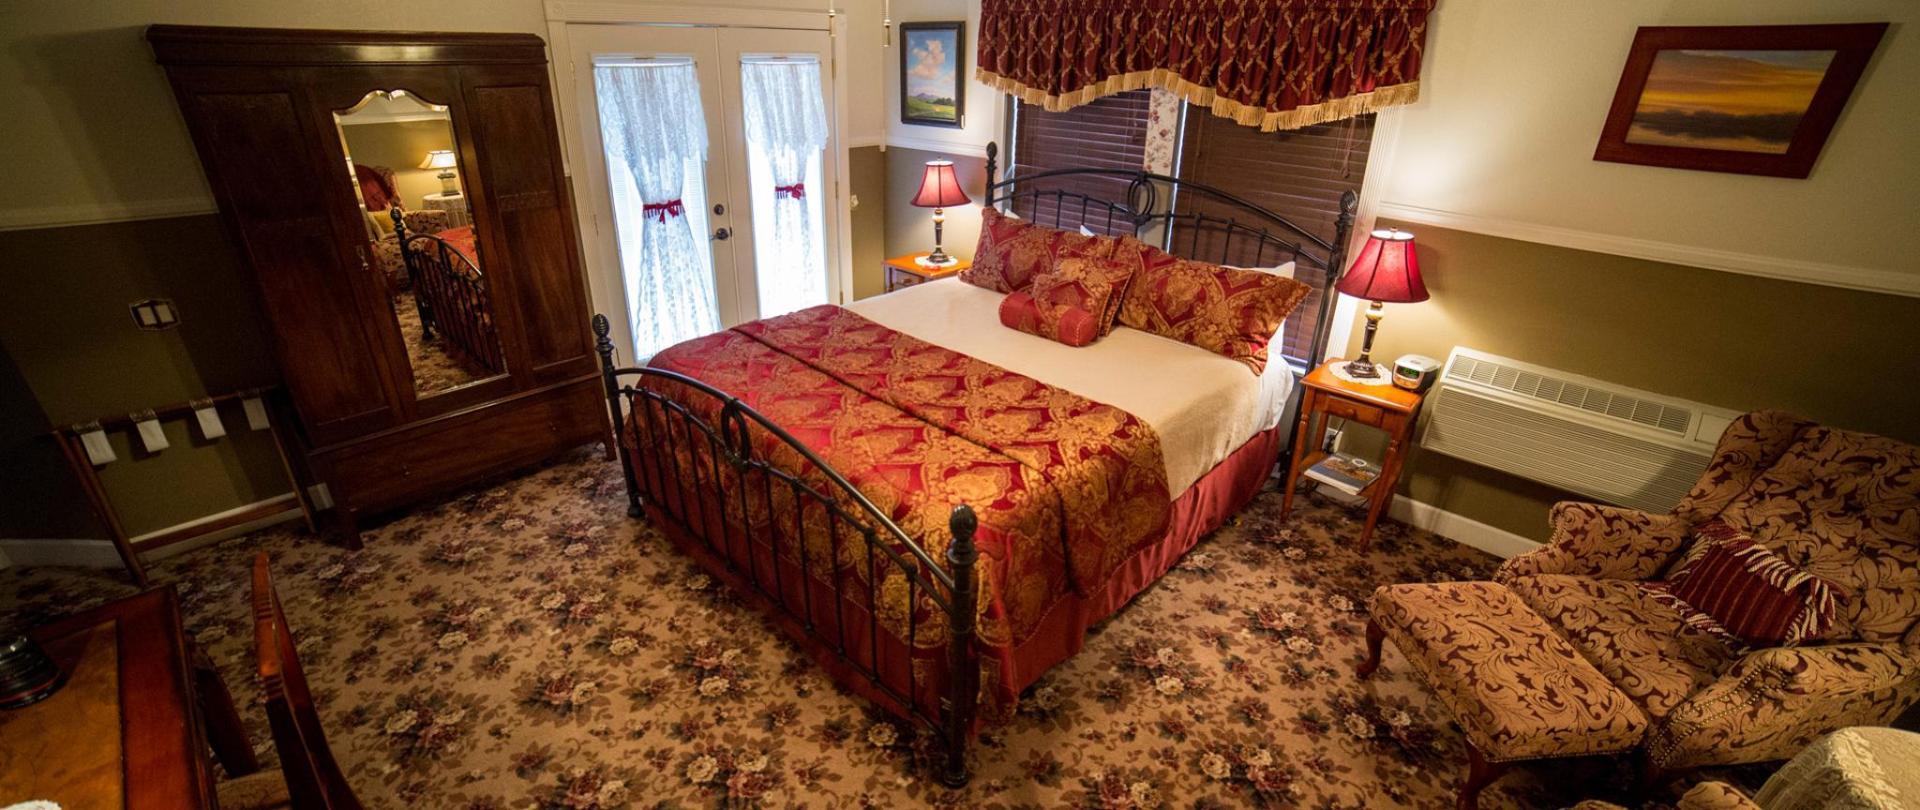 Home Slider 6 1920x810.jpg